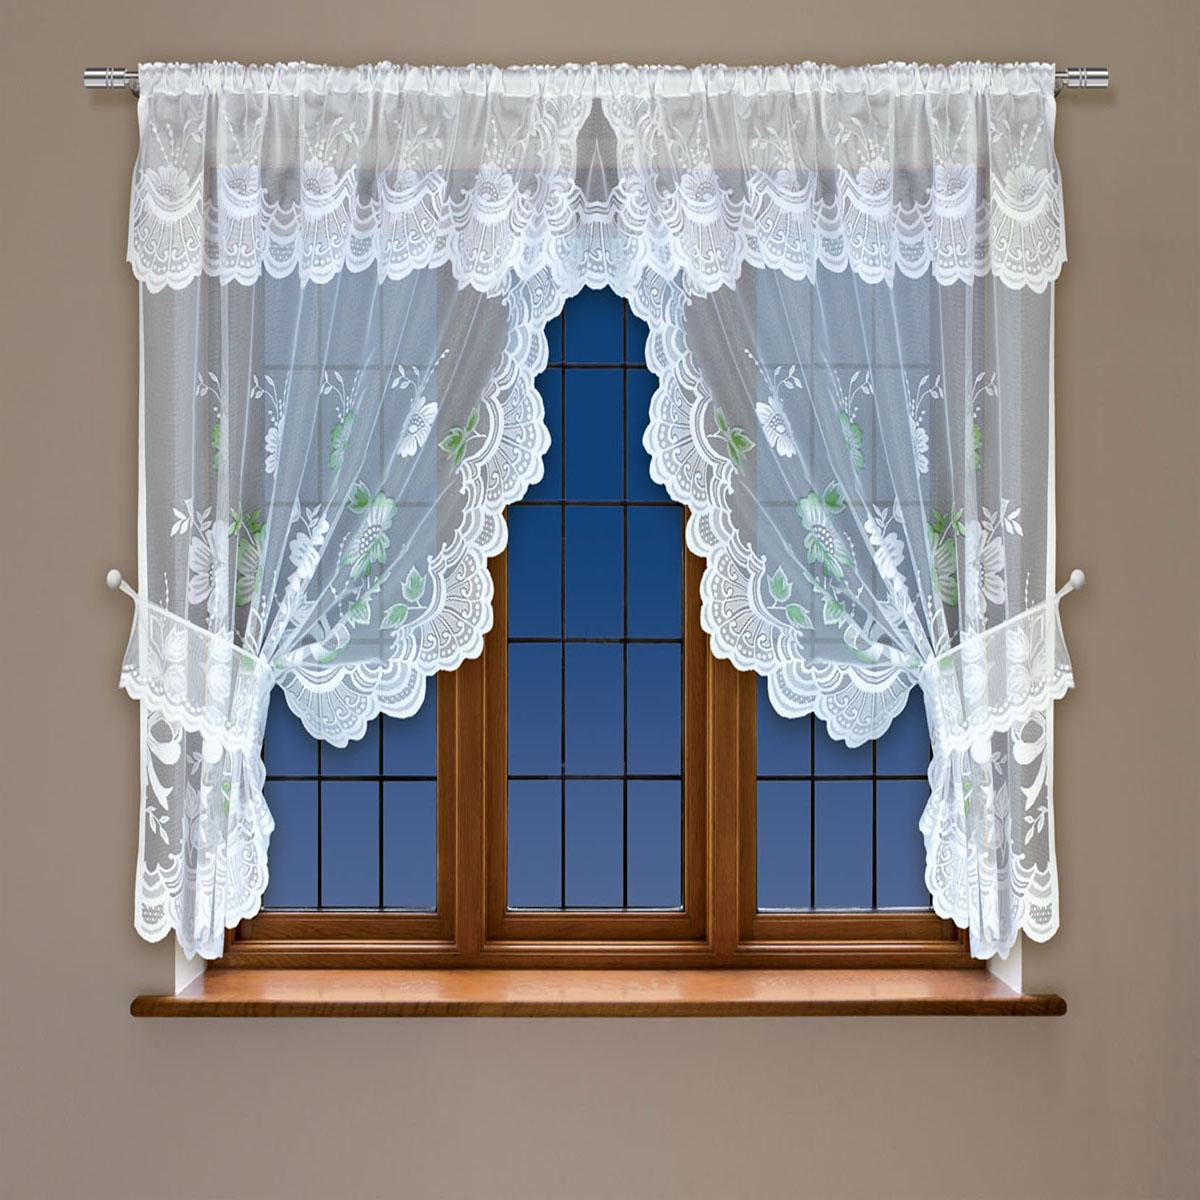 """Воздушная гардина """"Haft"""", выполненная из полиэстера, великолепно украсит любое окно.Изделие имеет оригинальный дизайн и органично впишется в интерьер помещения.  Гардина крепится на карниз при помощи кулиски."""